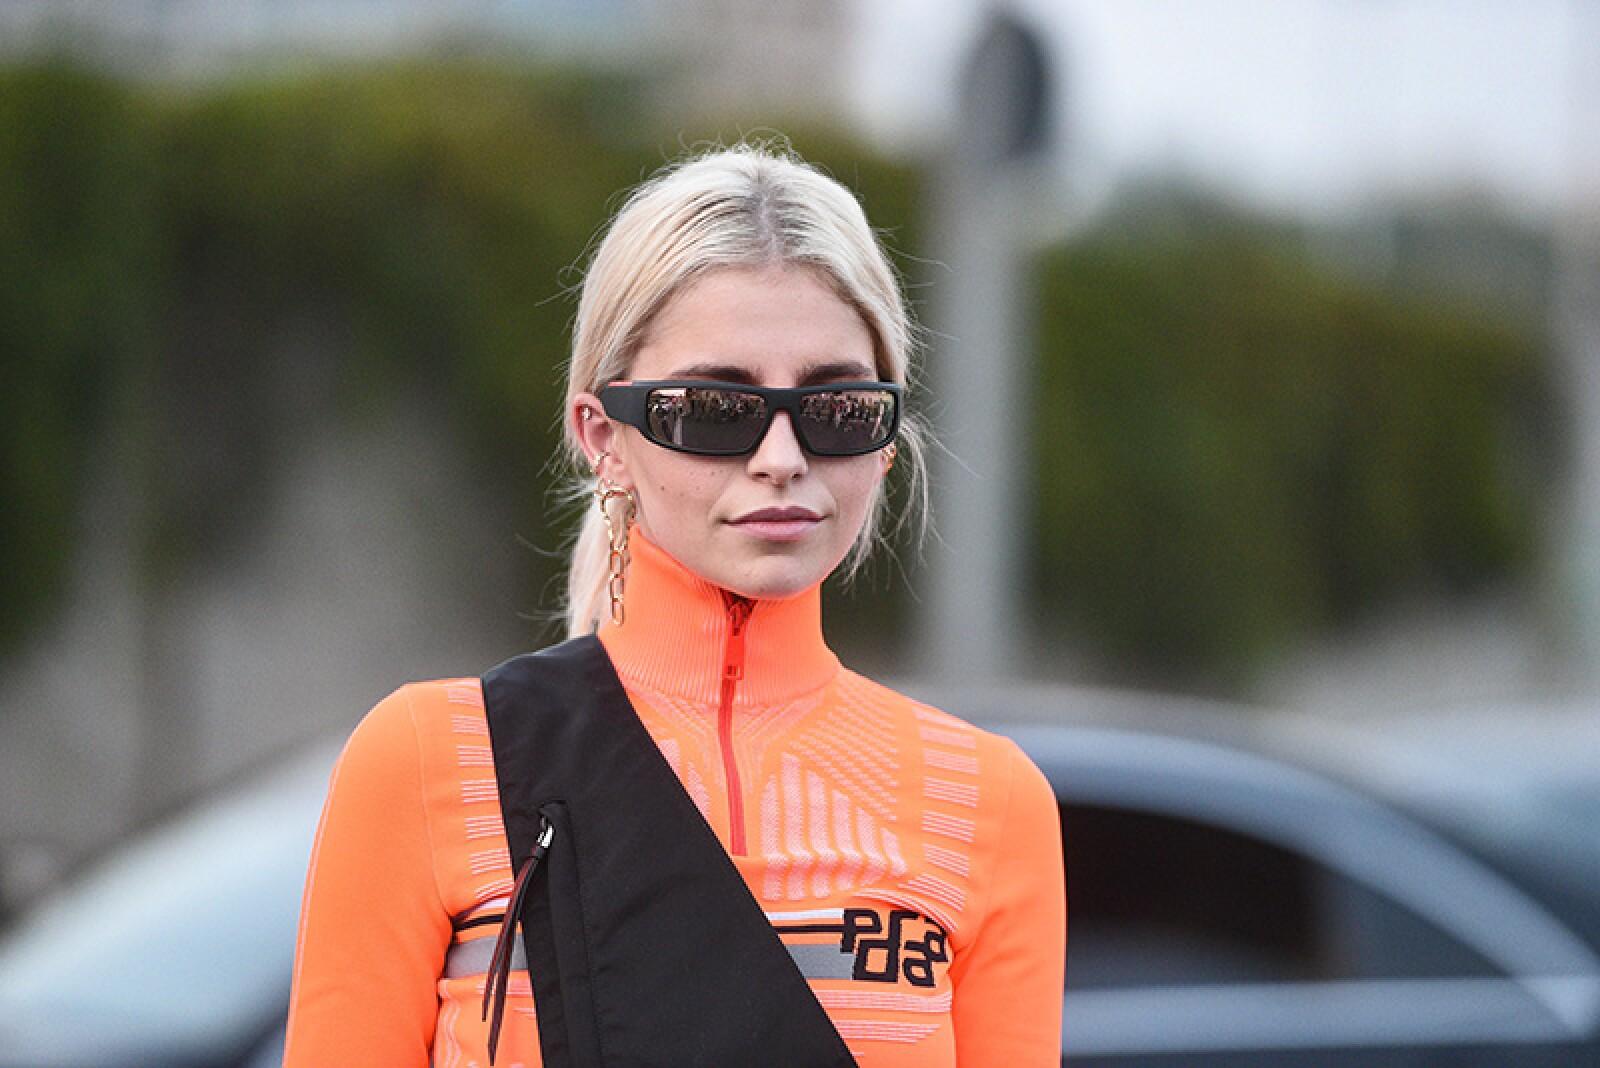 Street Style, Spring Summer 2019, Milan Fashion Week, Italy - 20 Sep 2018